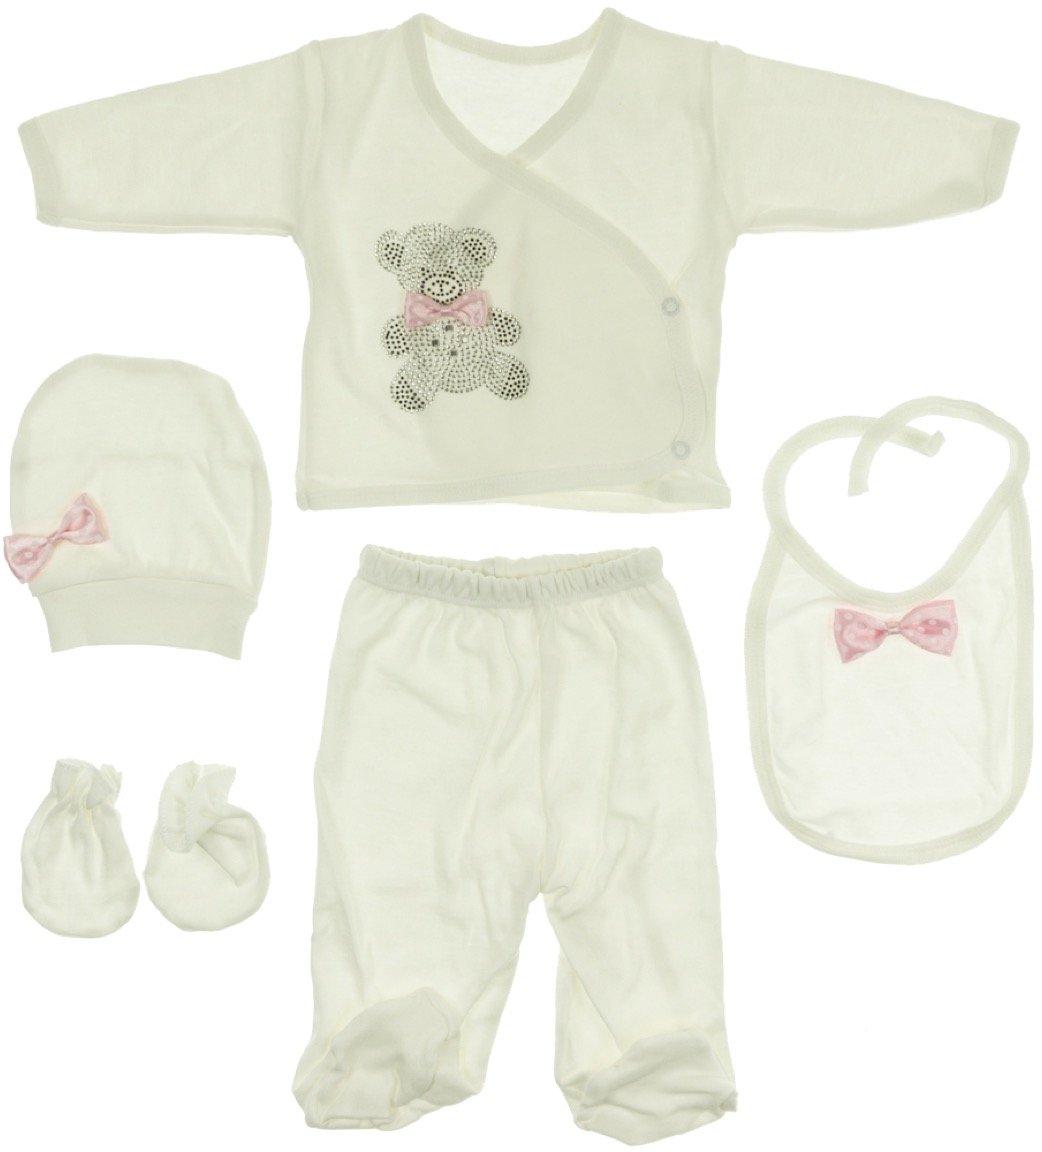 Babybiss βρεφικό εποχιακό σετ δώρου πέντε τεμαχίων «Teddy»